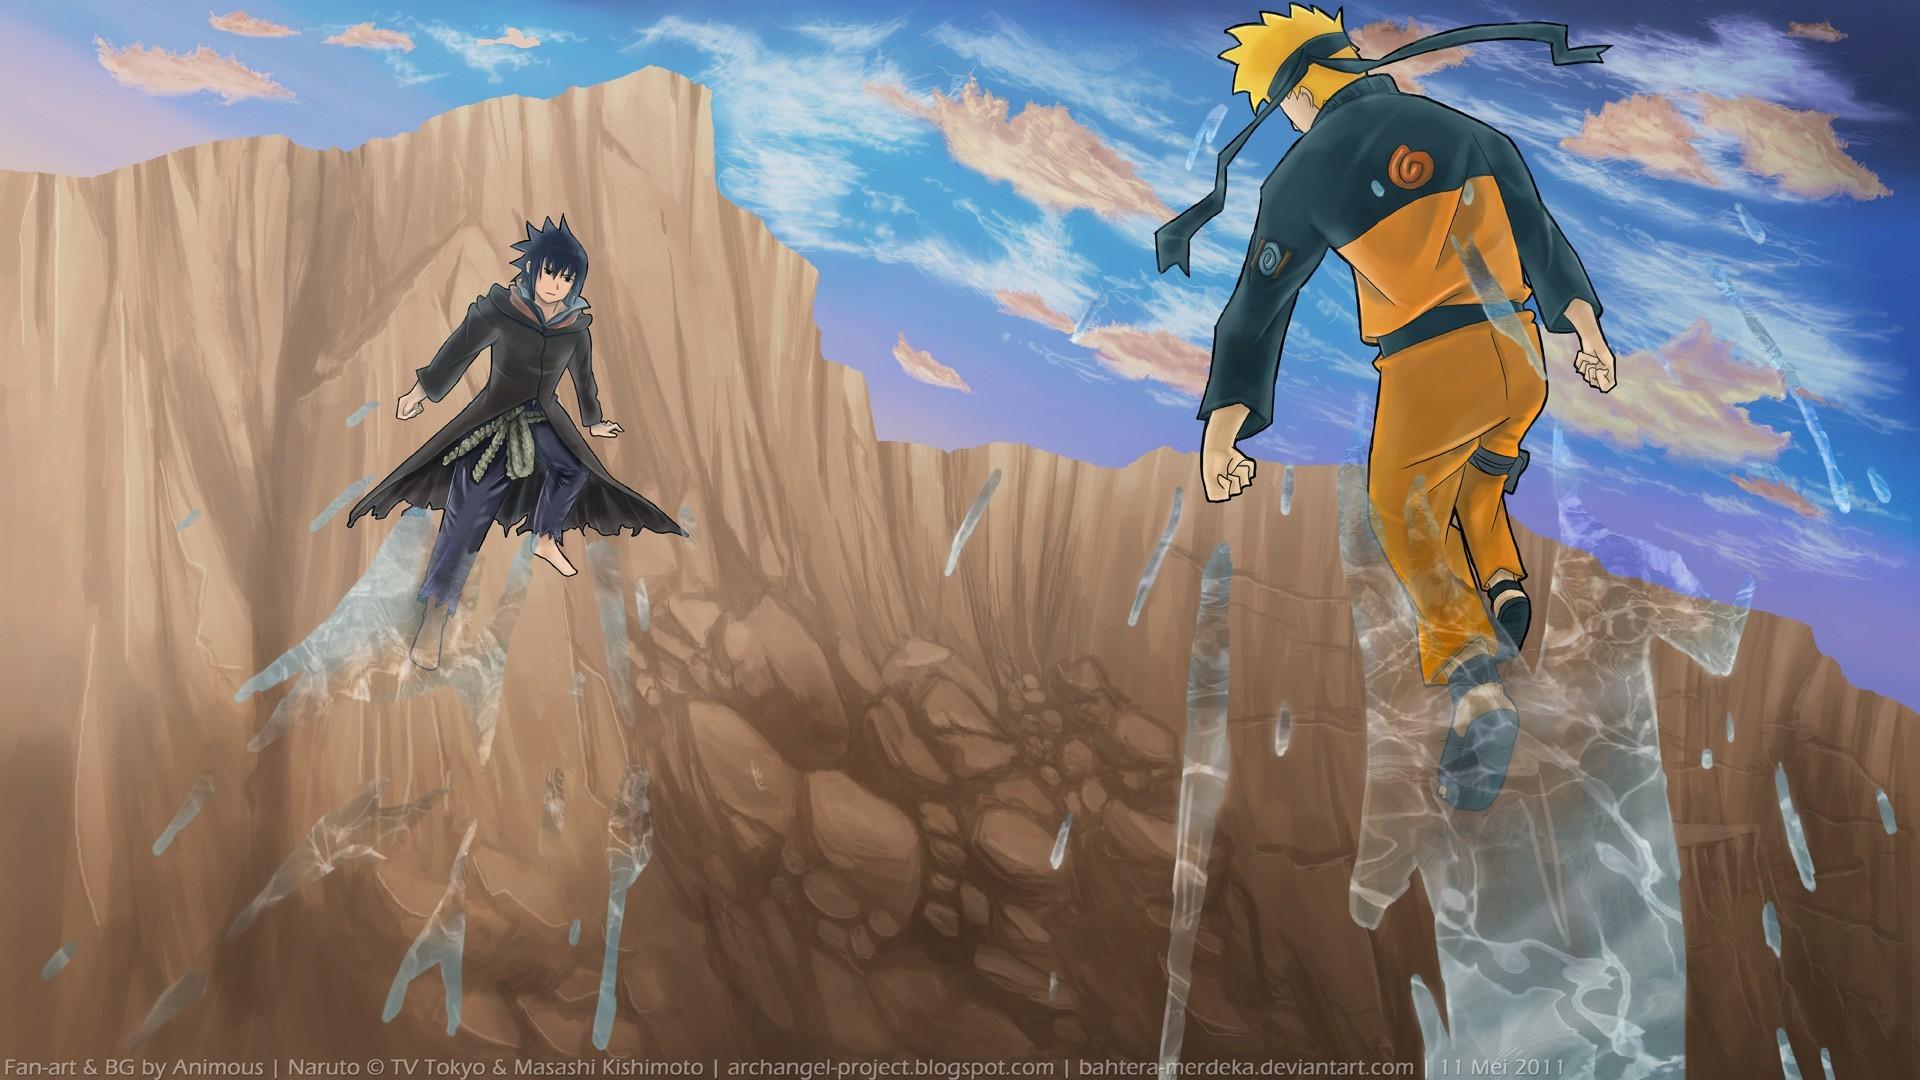 Naruto Sasuke Shippuden Art HD Wallpaper